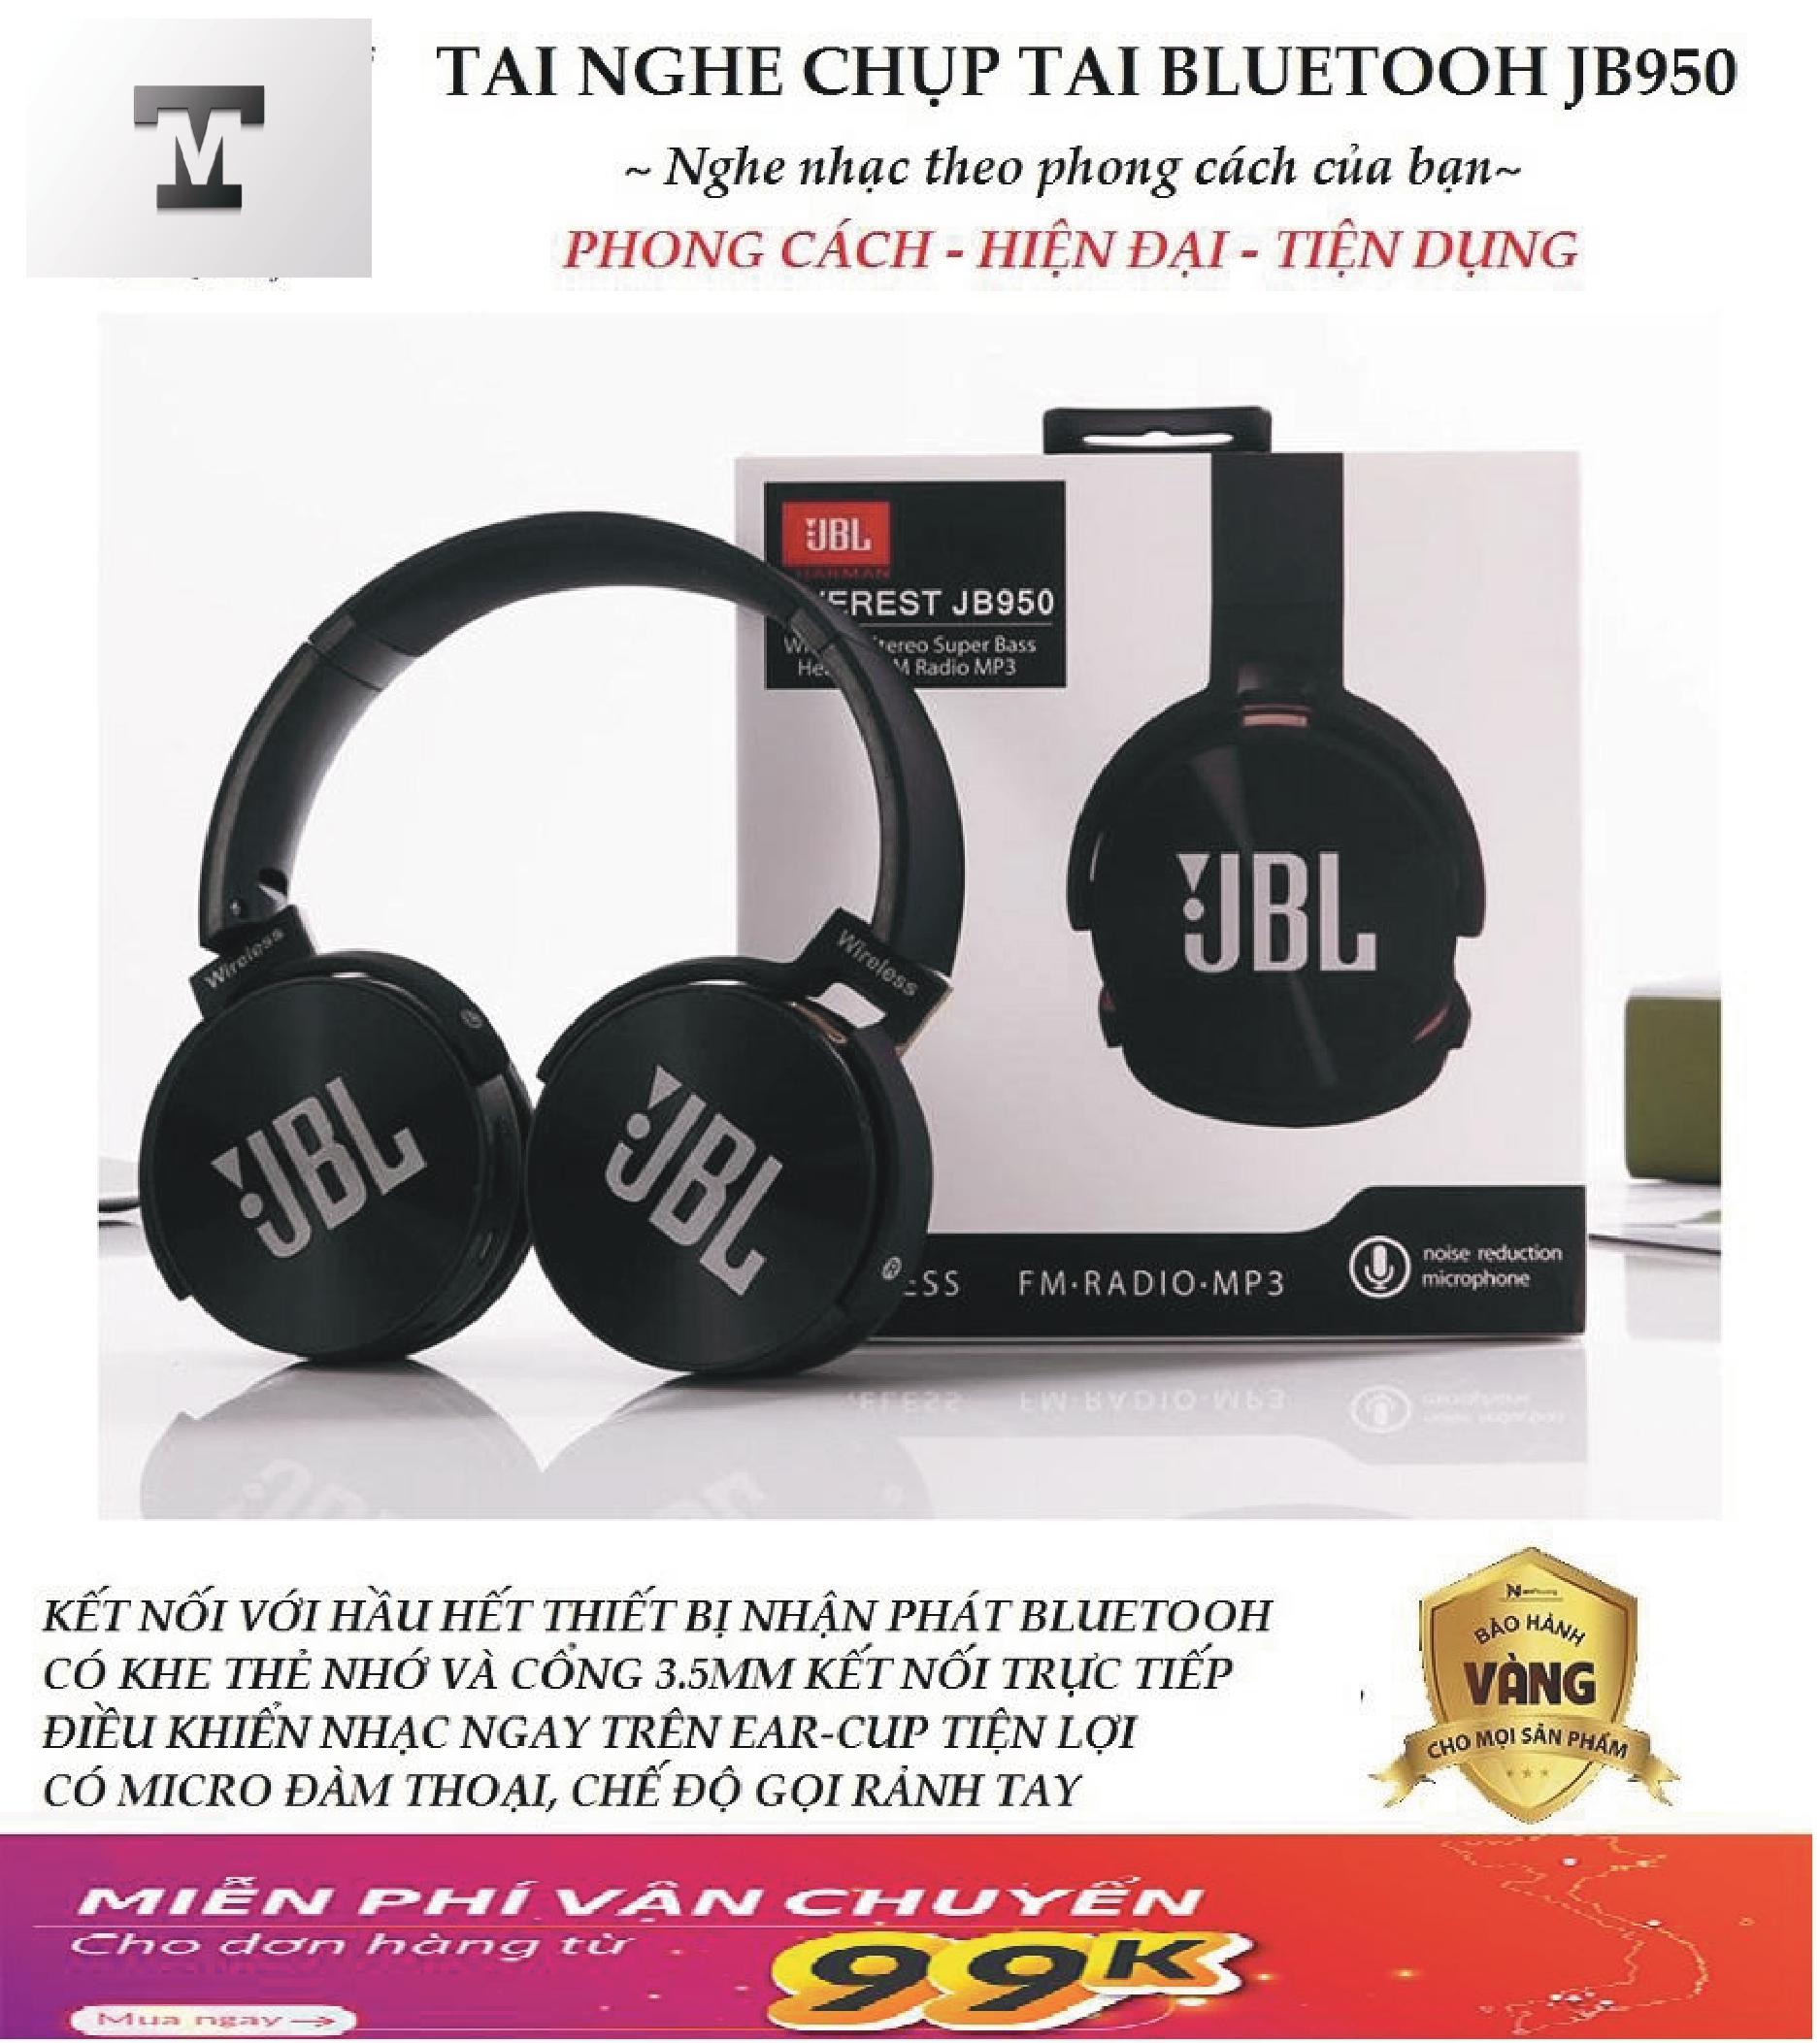 Giá Tiết Kiệm Để Sở Hữu Ngay Tai Nghe Chụp Tai Bluetooth Không Dây JBL JB950 - Wireless Stereo Super Bass Headset MP3 -  Bảo Hành 1 đổi 1